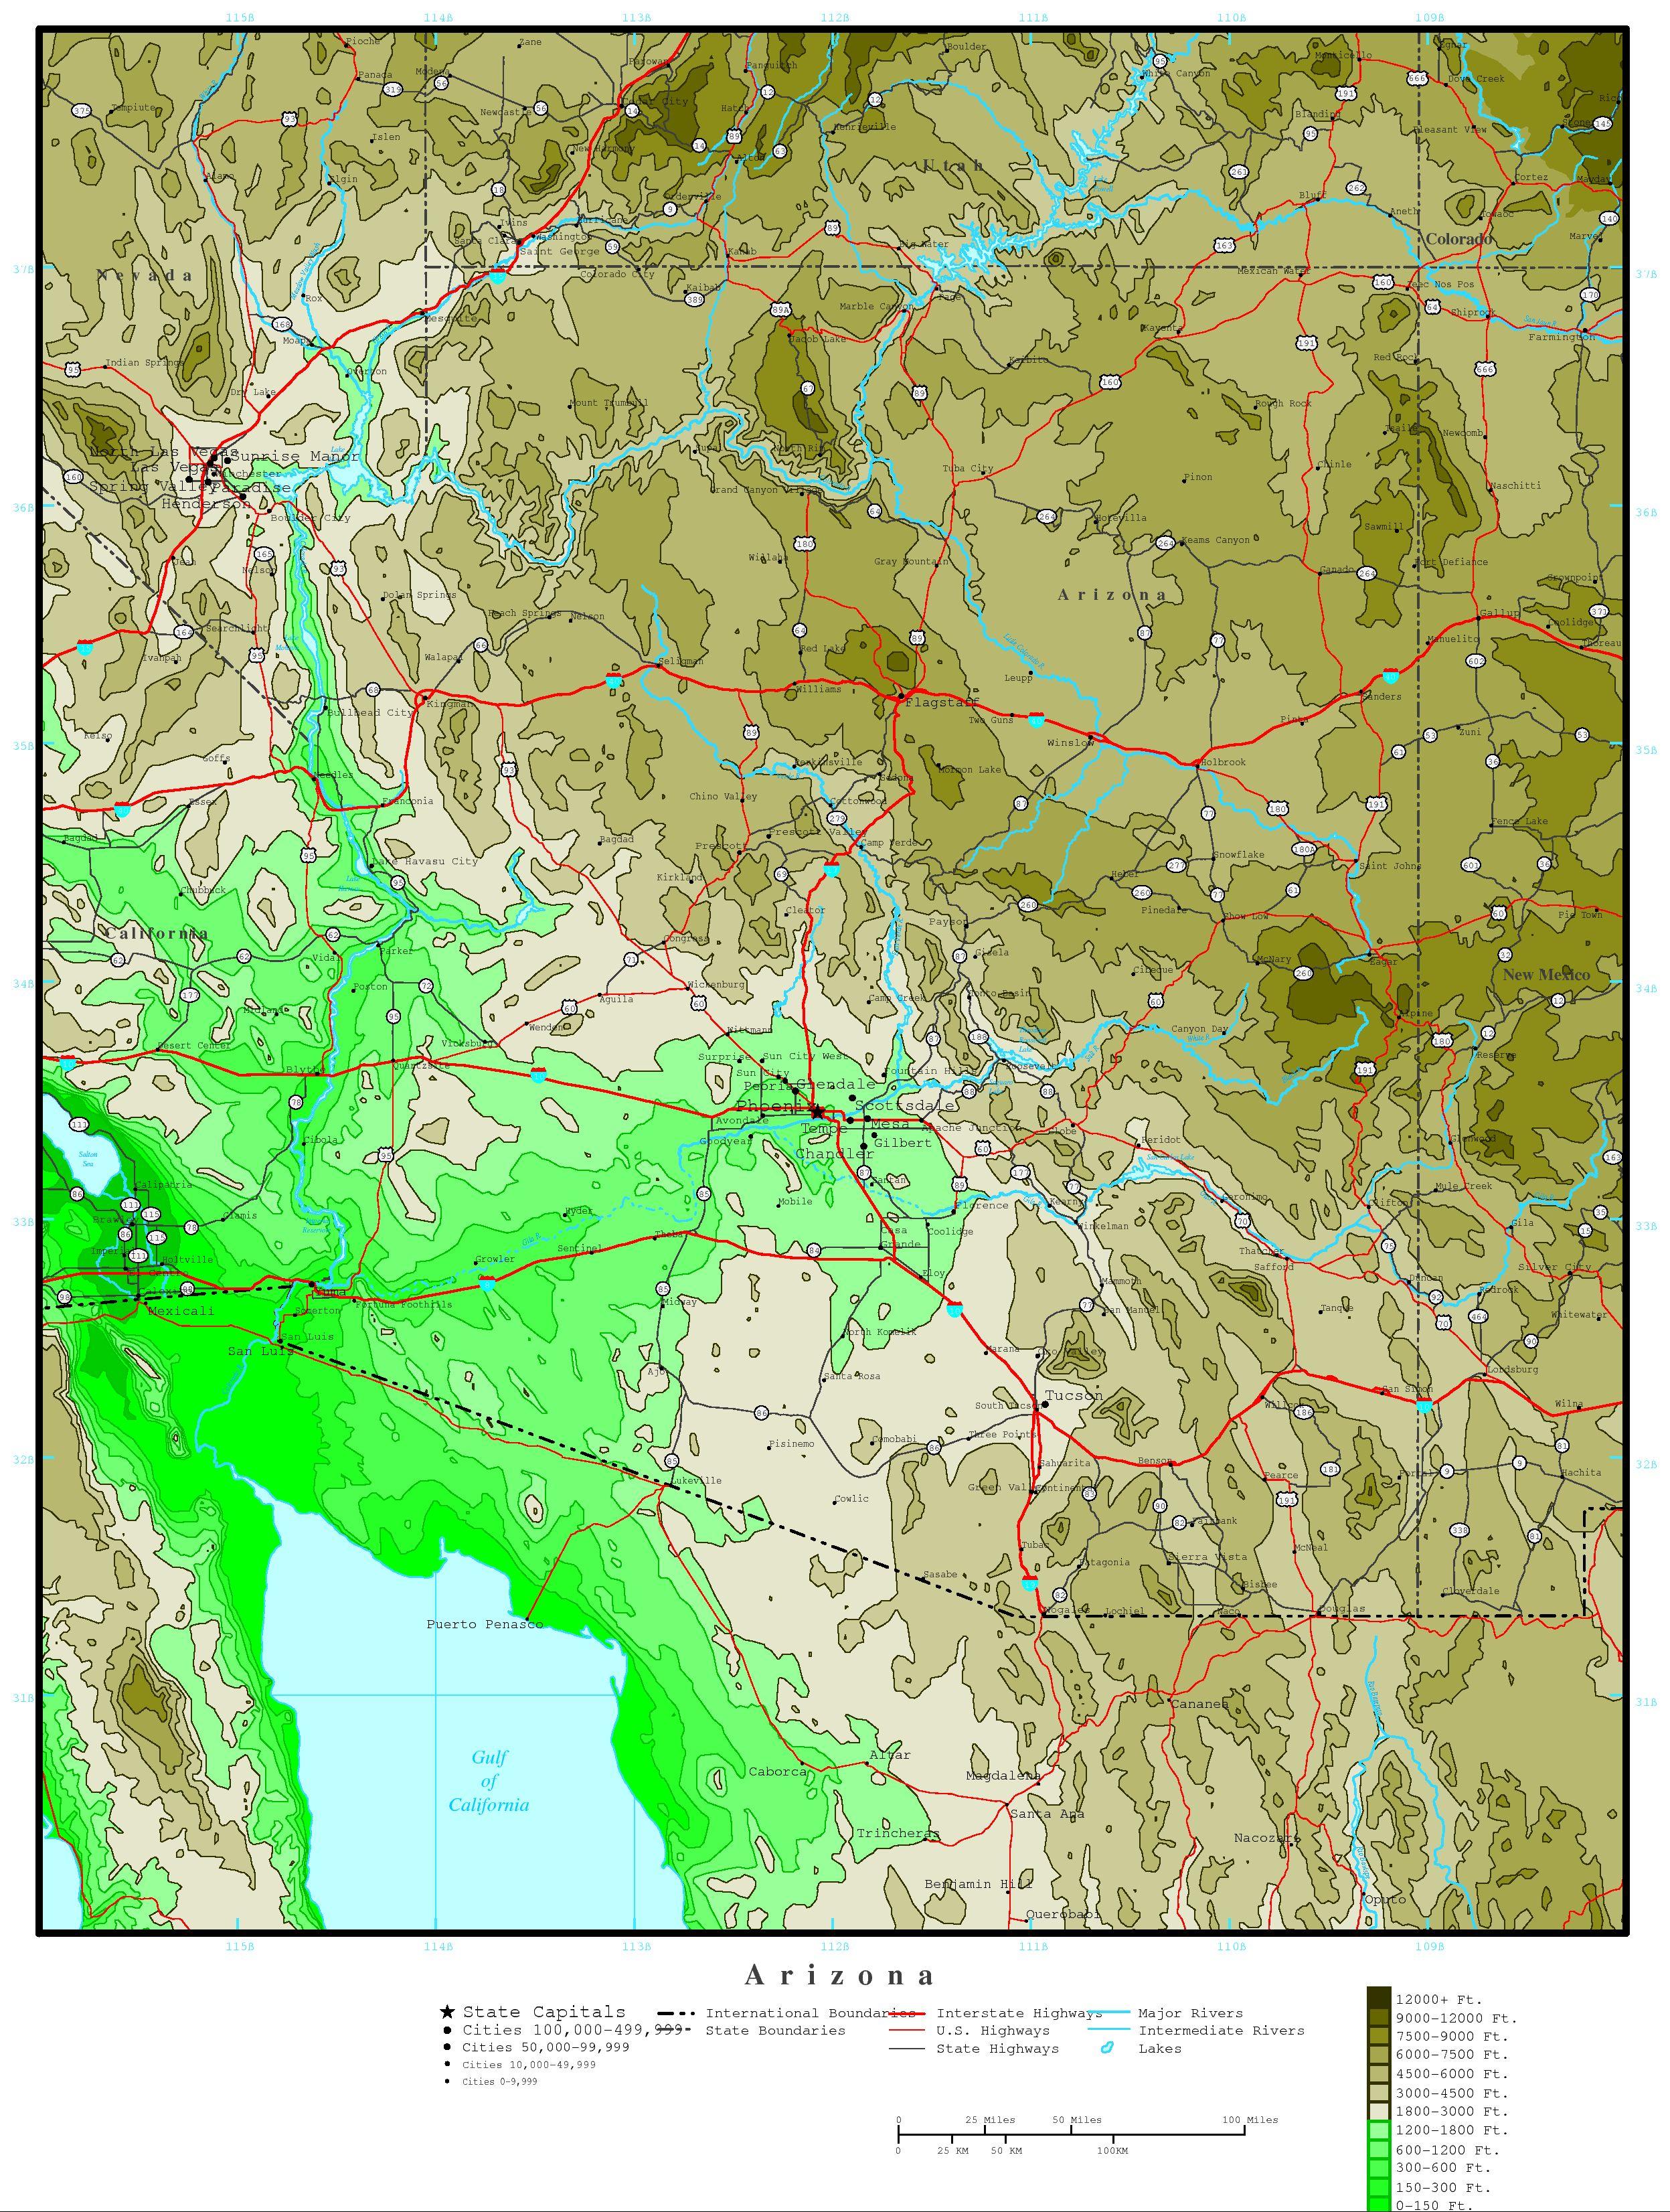 Elevation Map Of Arizona Arizona Elevation Map